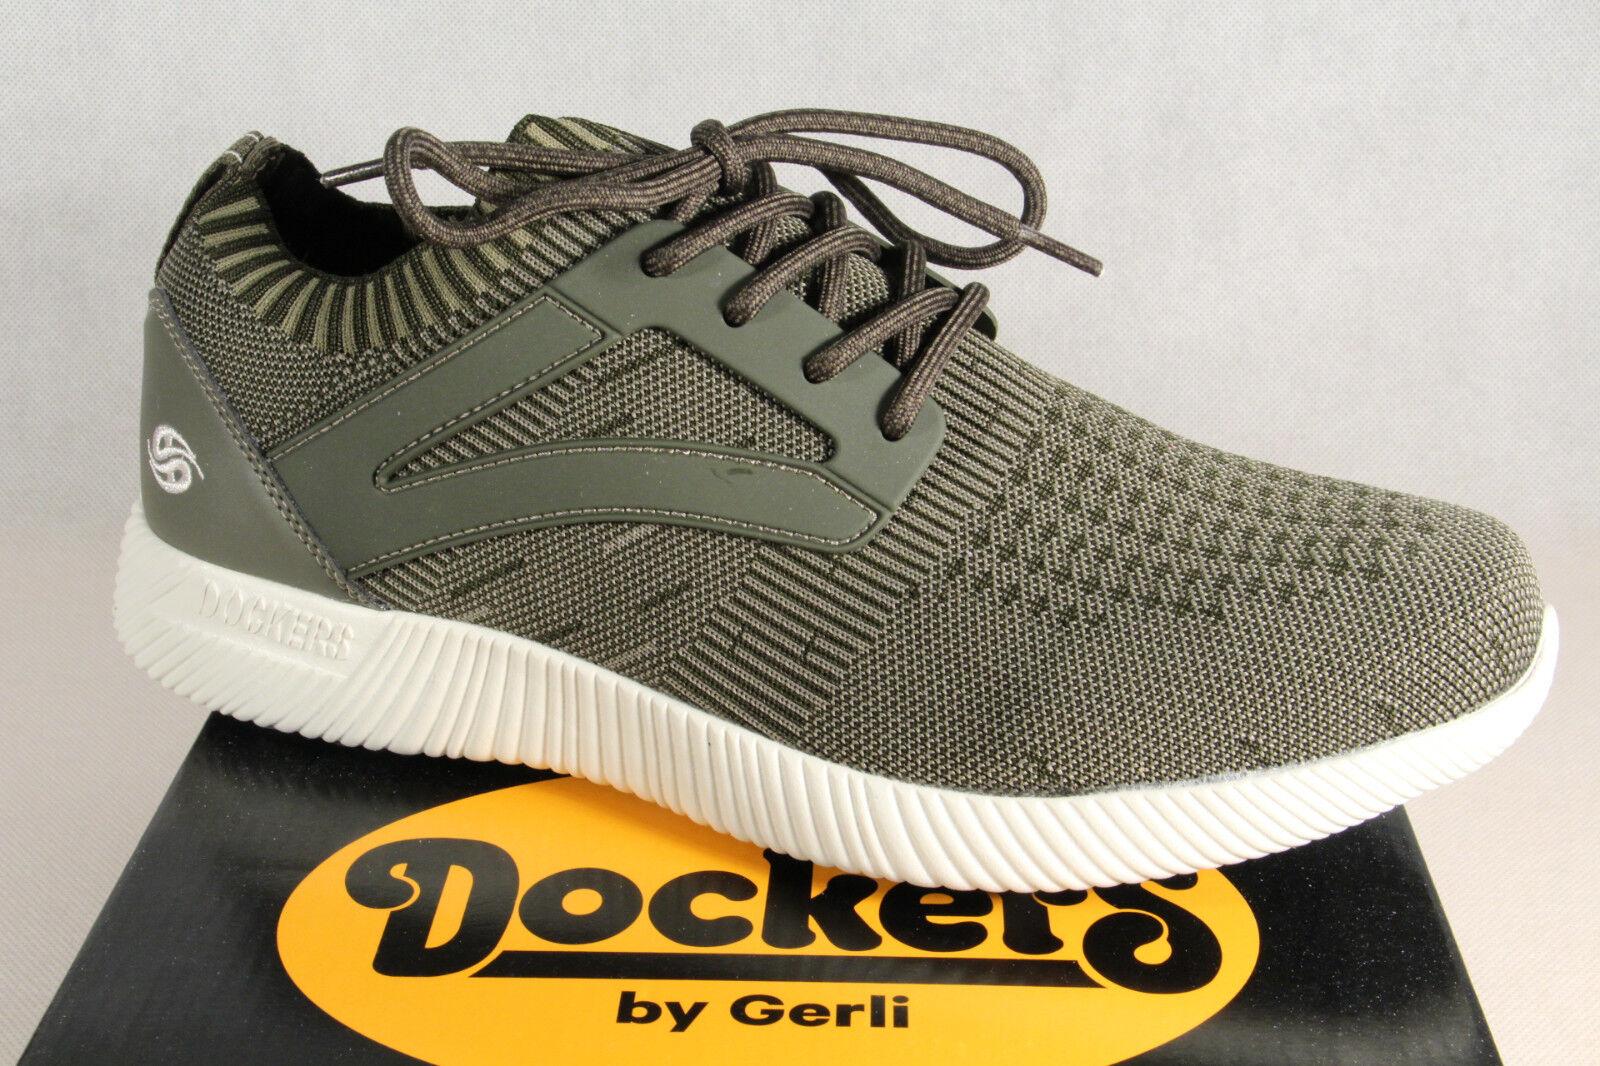 Dockers Pantoufles pour Hommes Chaussures à Lacets de Sport Basses Kaki Nouveau